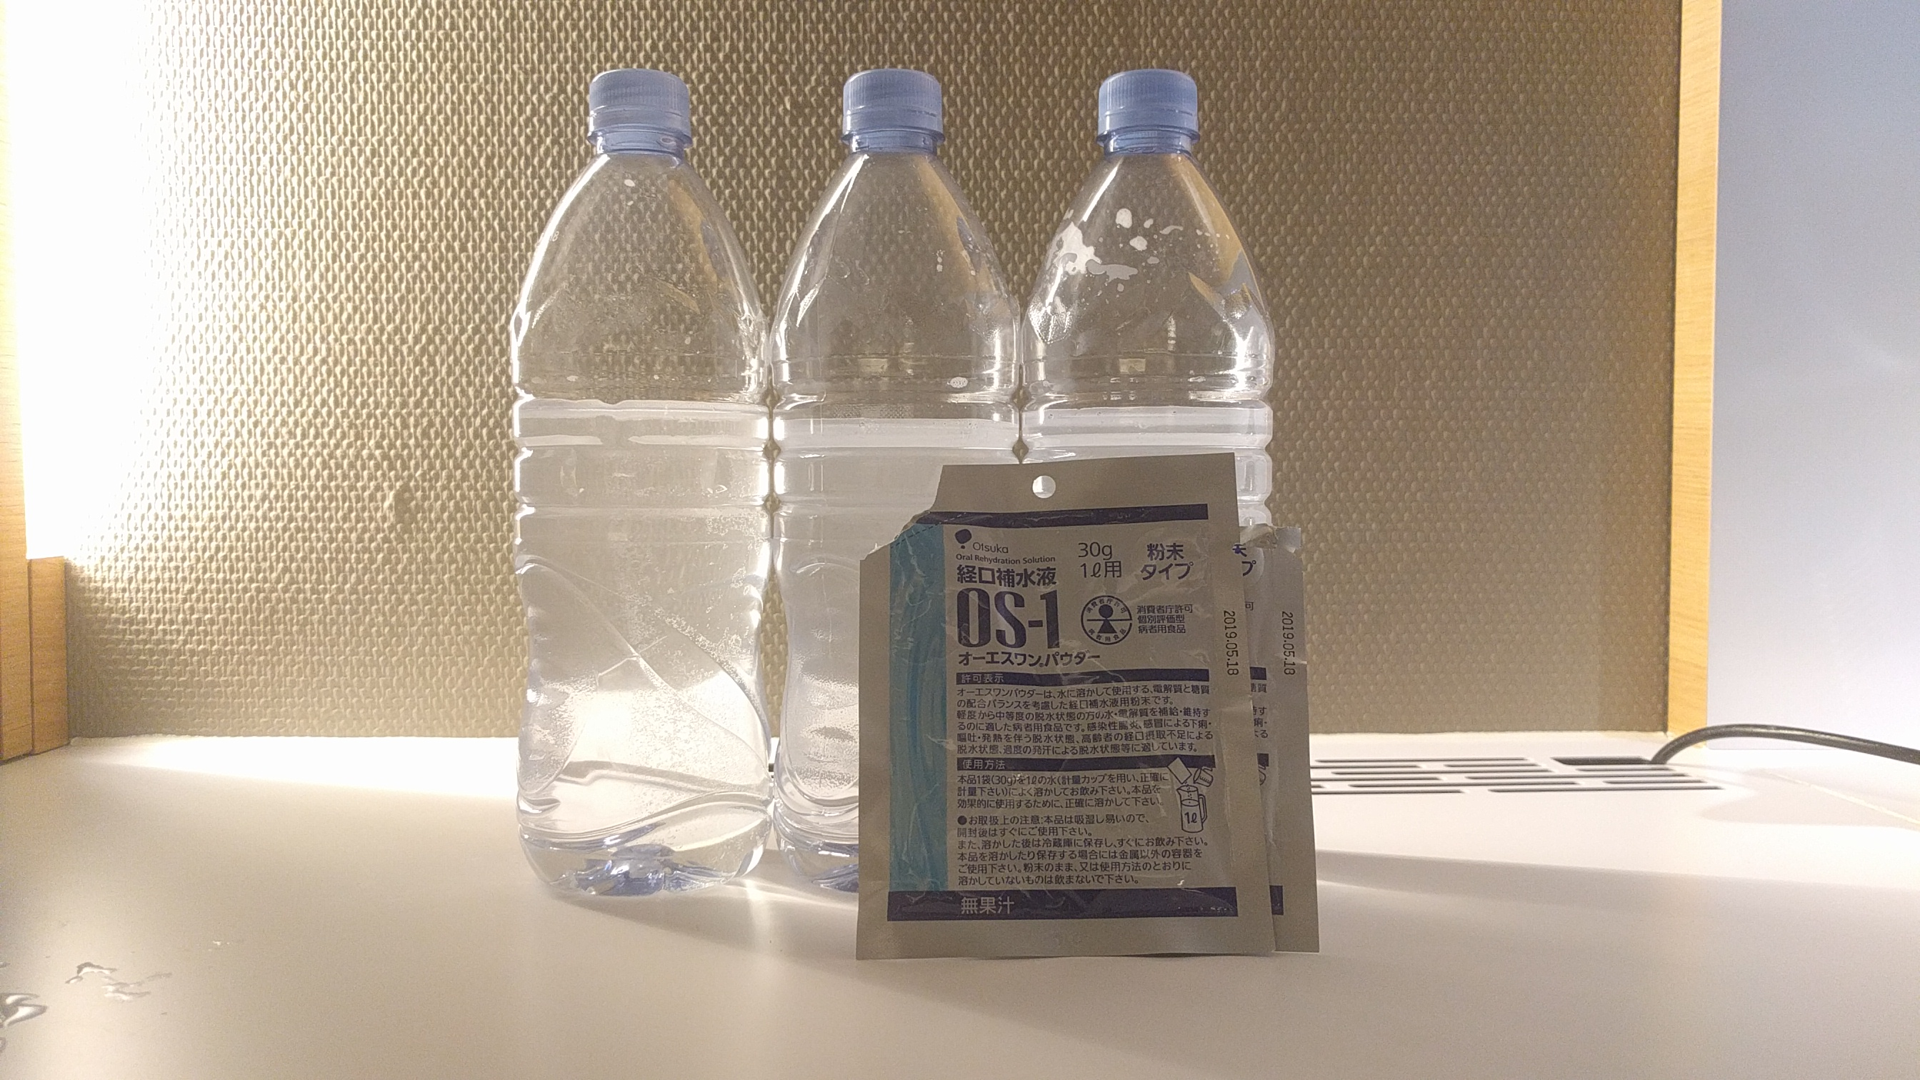 経口補水液オーエスワン